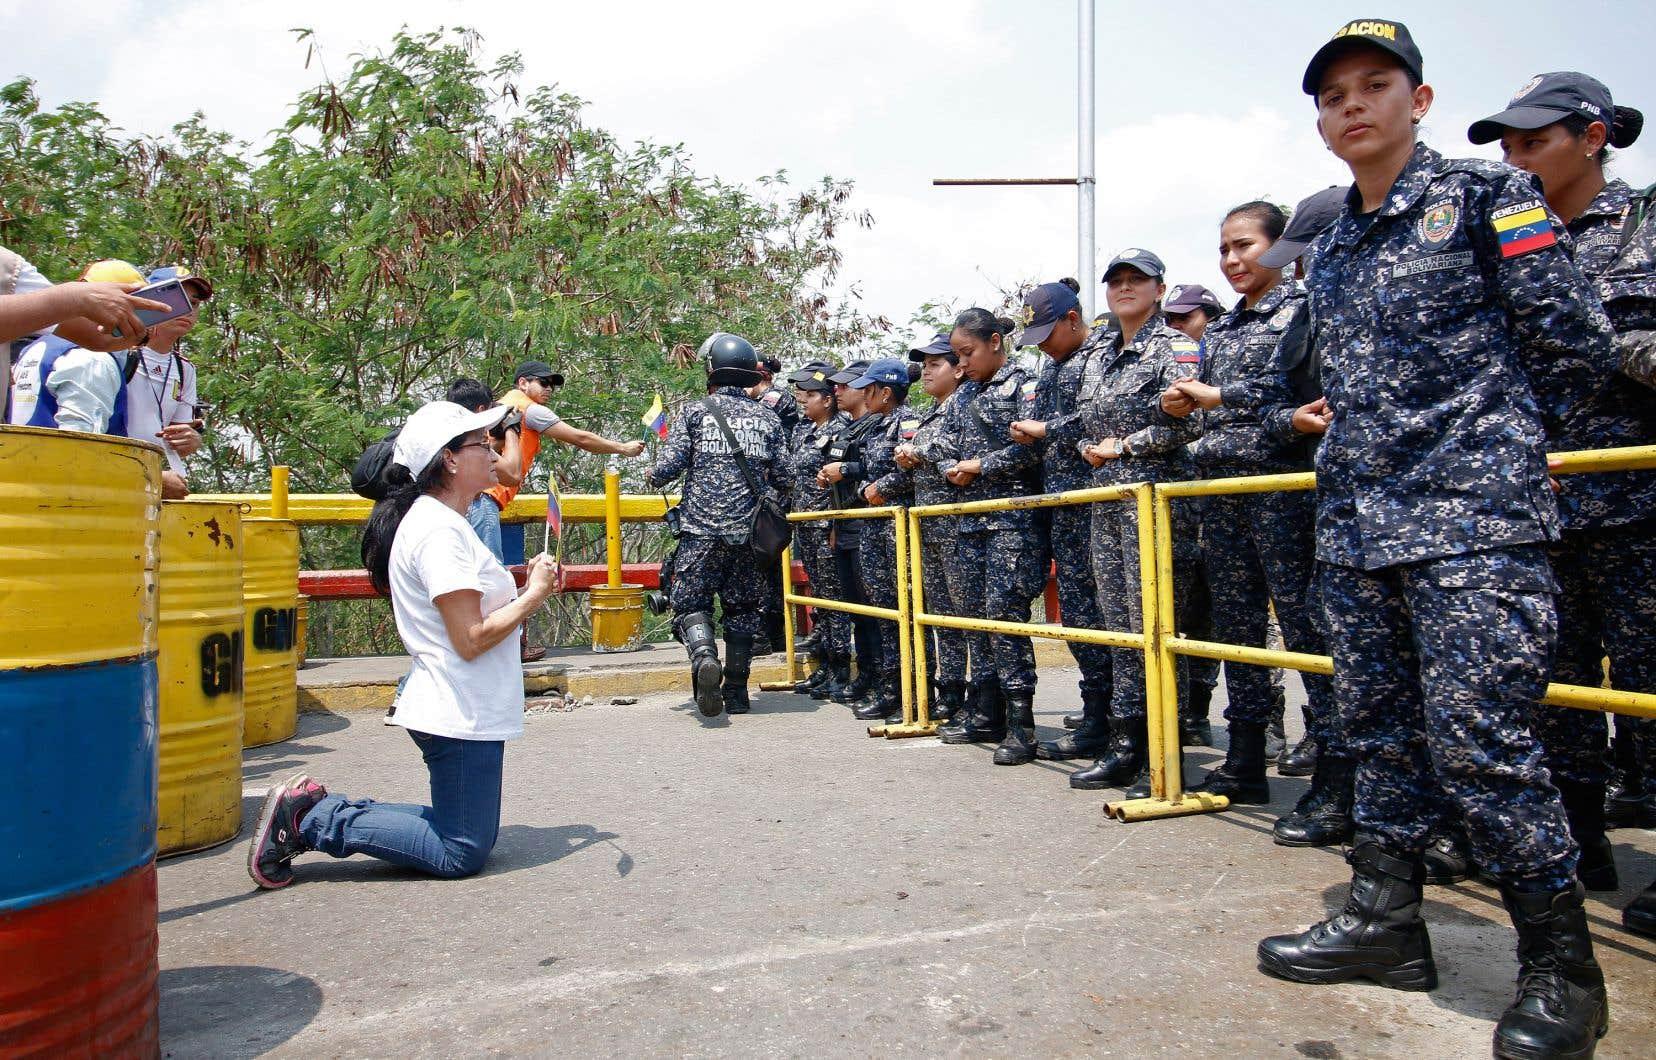 Les partisans de l'opposant Juan Guaido ont dû renoncer à livrer une aide humanitaire attendue avec impatience.